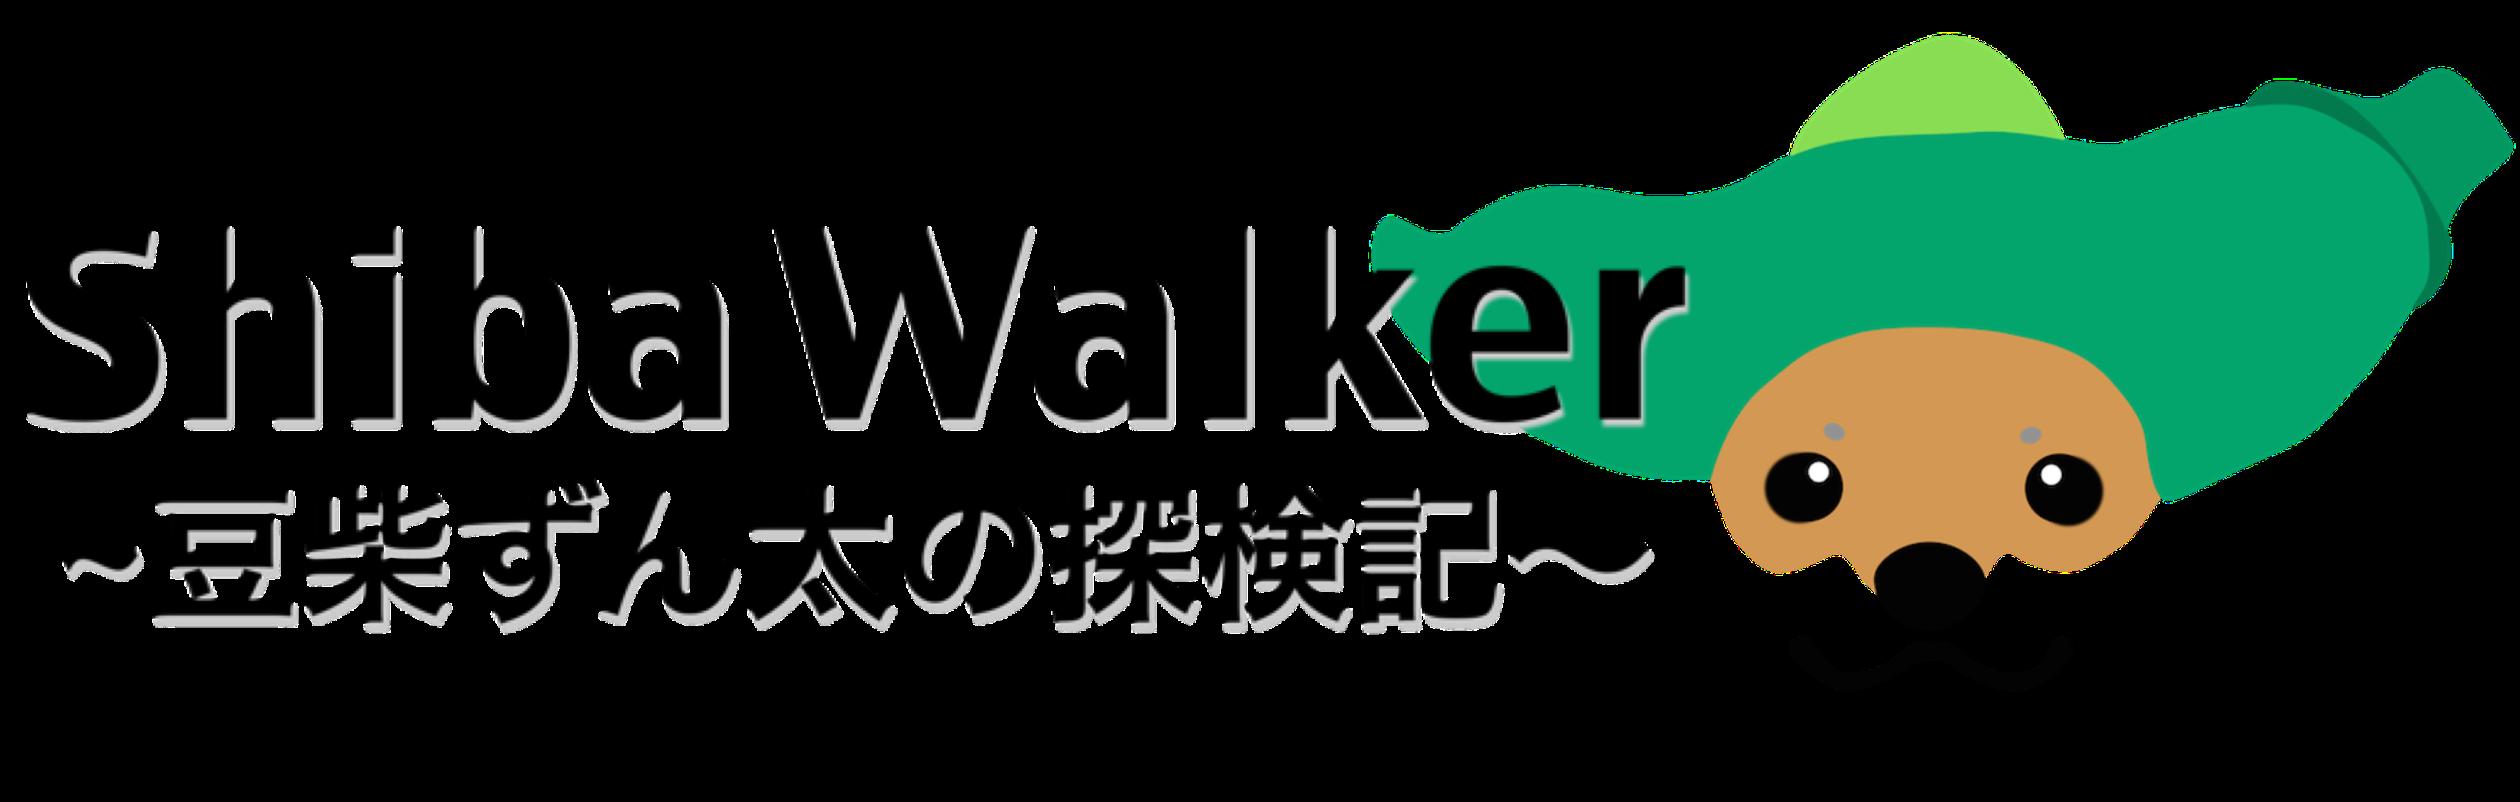 Shiba Walker 〜豆柴ずん太の探検記〜